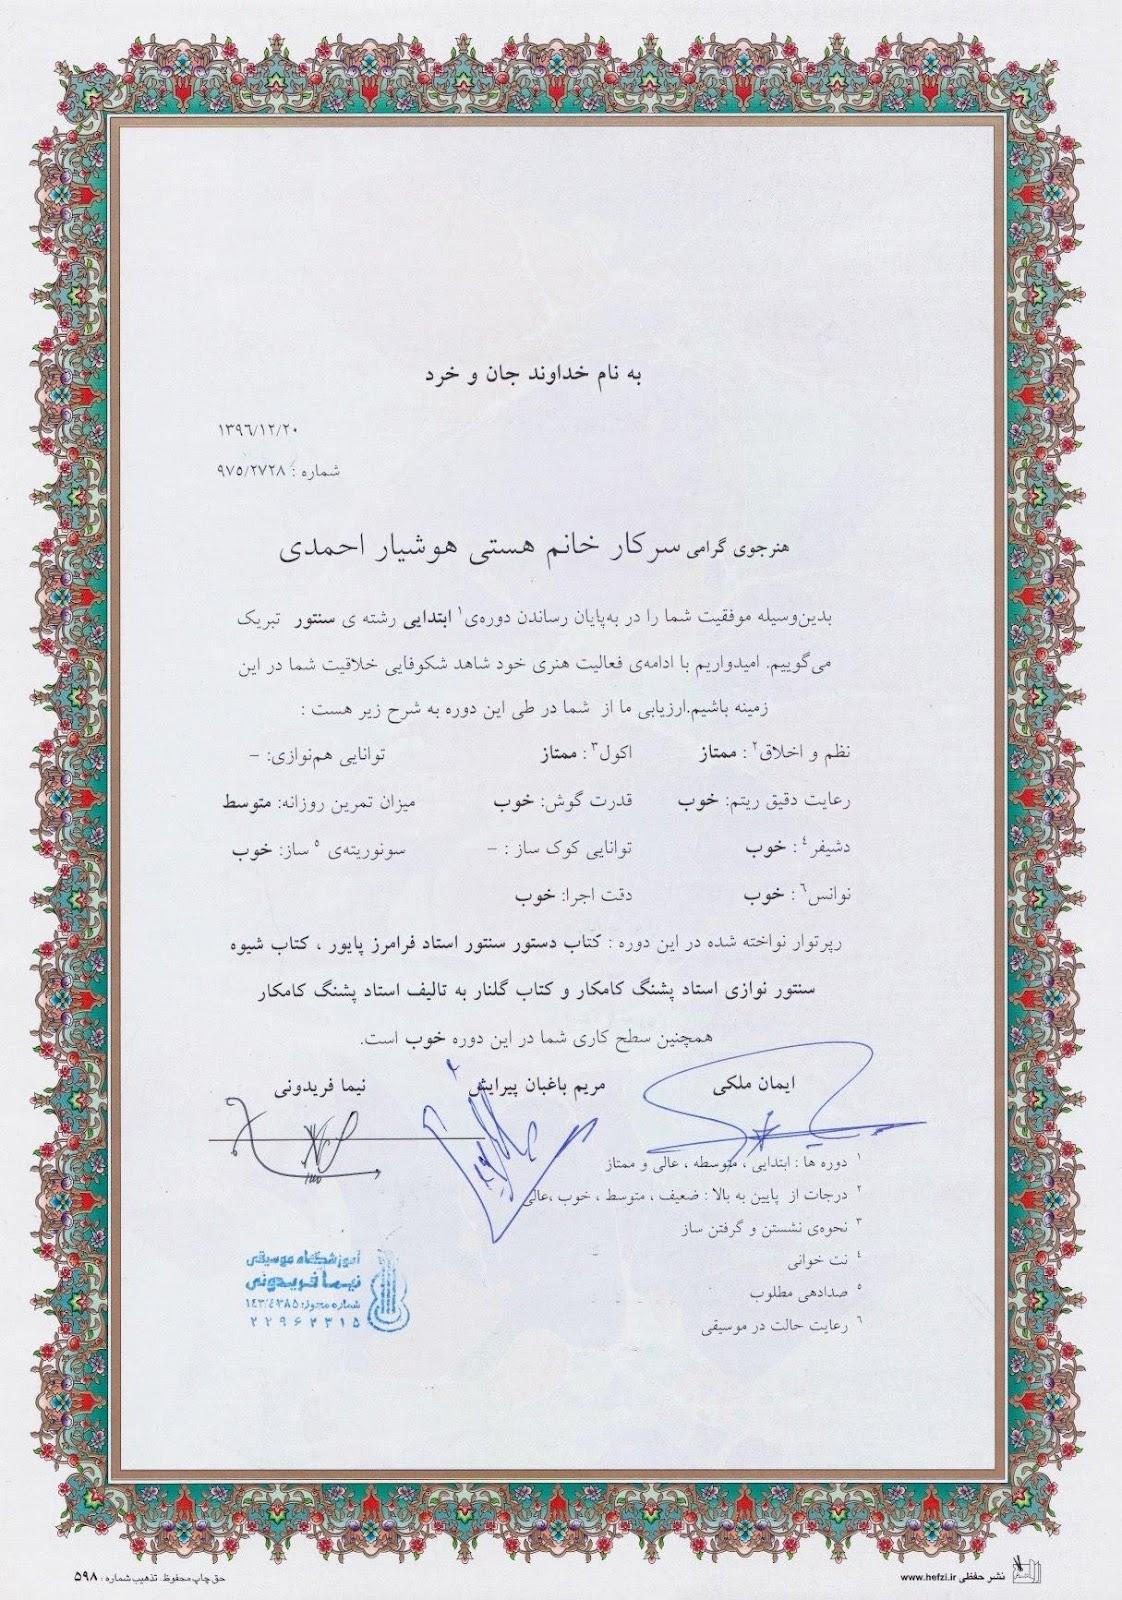 گواهینامهی پایاندورهی ابتدایی سنتور هستی هوشیار احمدی هنرجوی مریم باغبان پیرایش